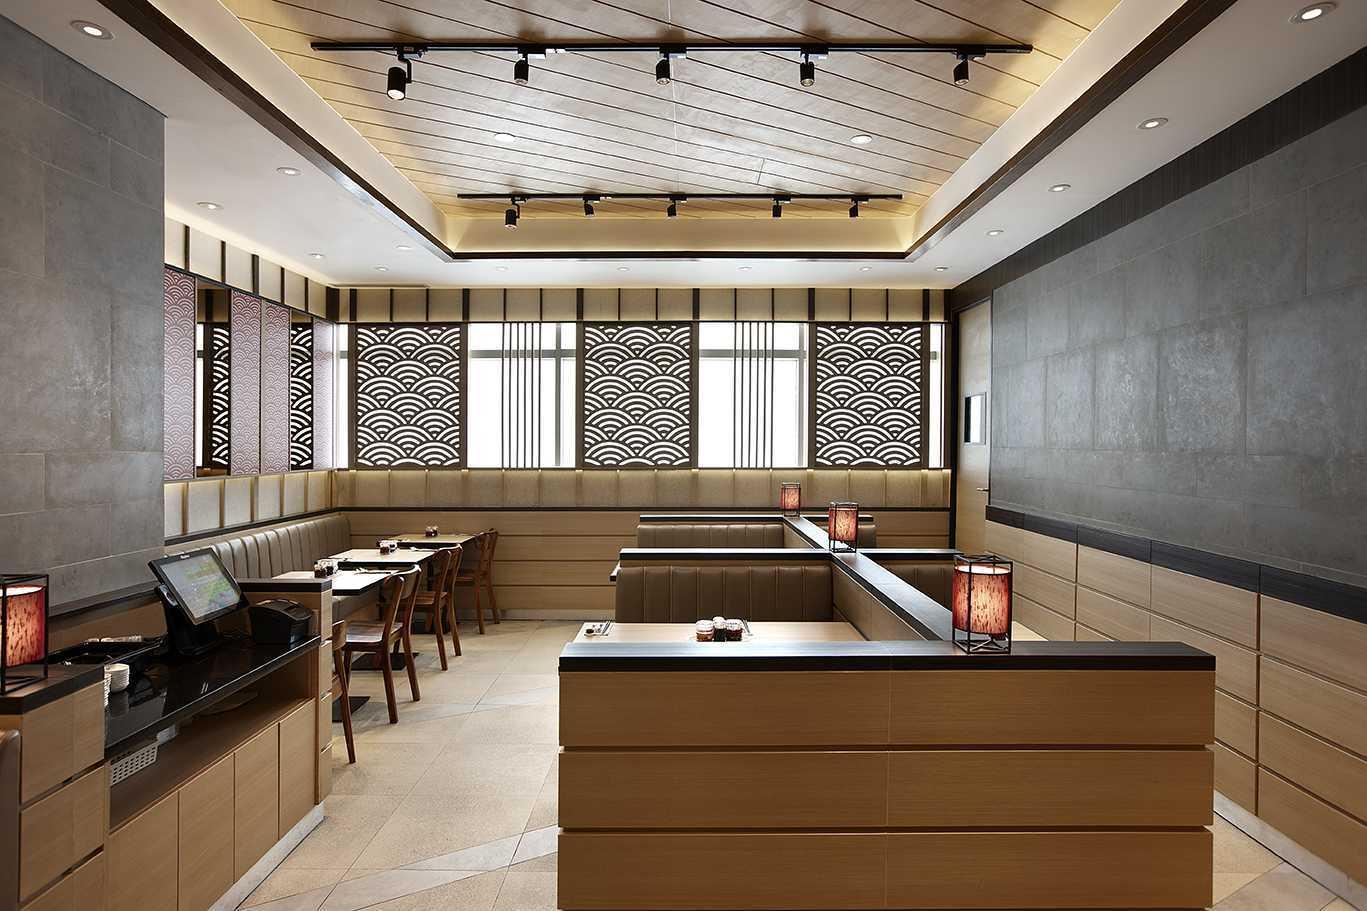 Highstreet Osaka Ohsho Jalan M.h. Thamrin No.1, Menteng, Kebon Melati, Kb. Melati, Tanah Abang, Kota Jakarta Pusat, Daerah Khusus Ibukota Jakarta 10310, Indonesia  Seating Area Restaurant  54119